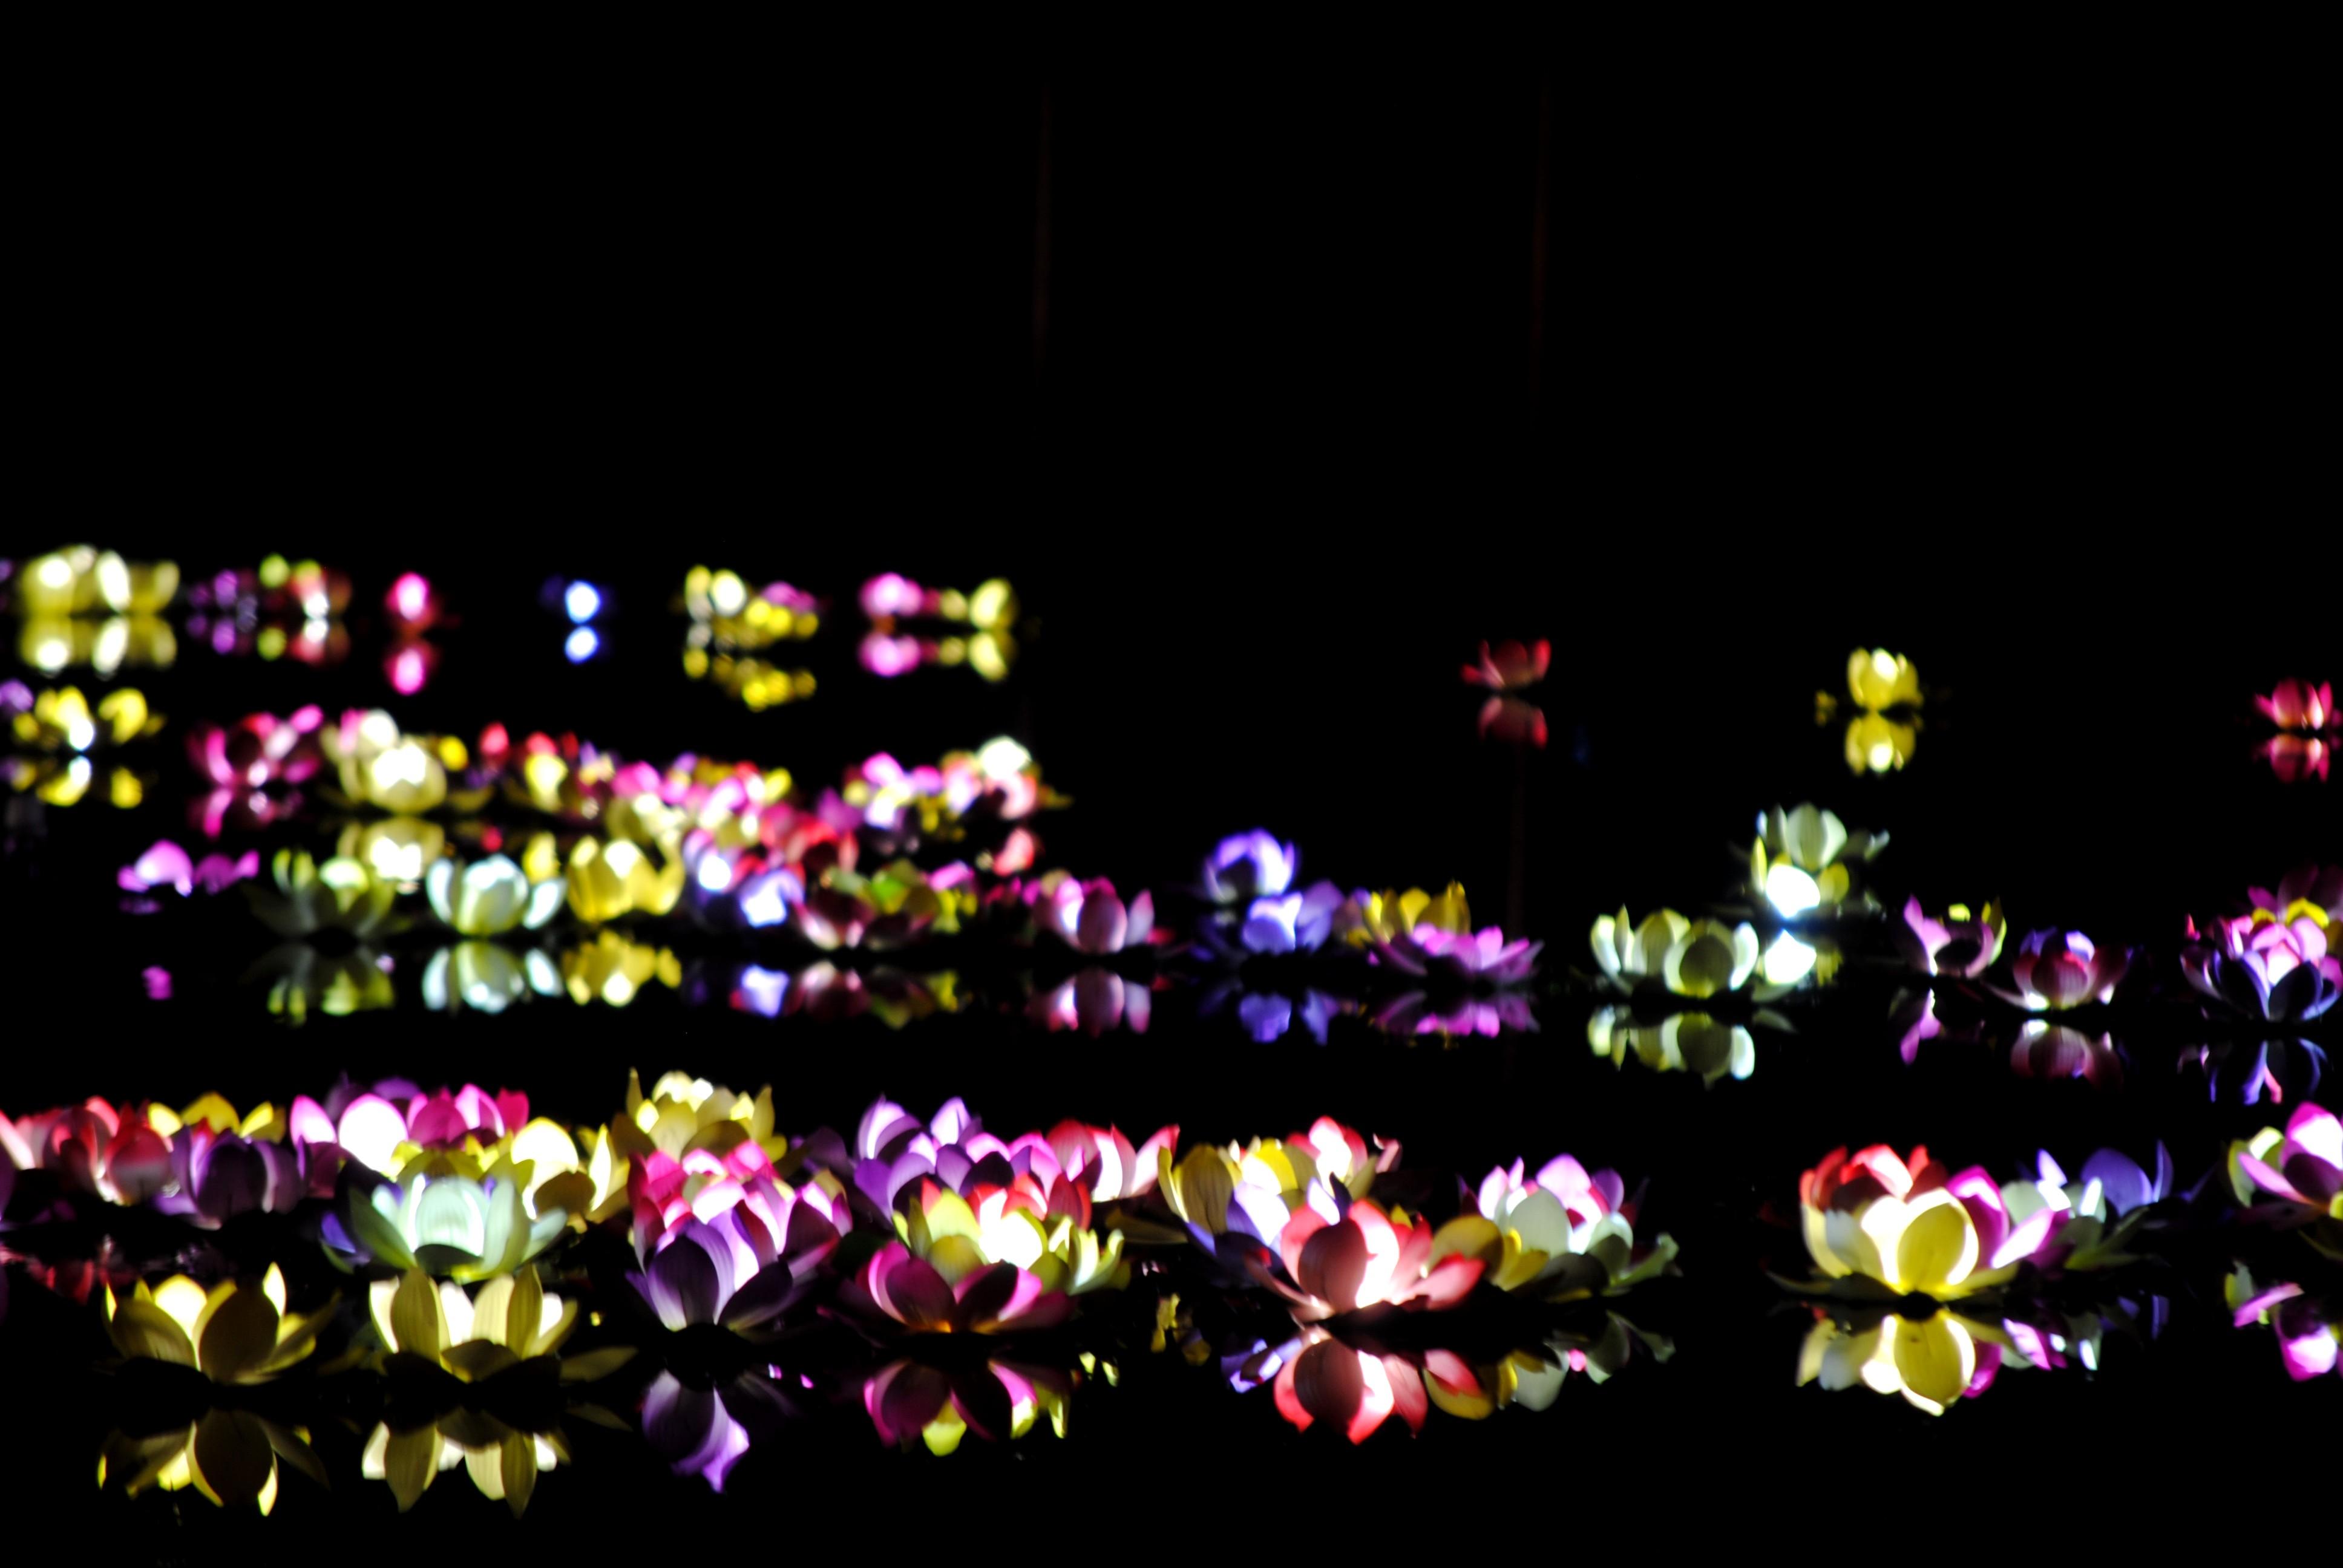 Jess Gregory - 08.01.14 - www.MyFrenchLife.org